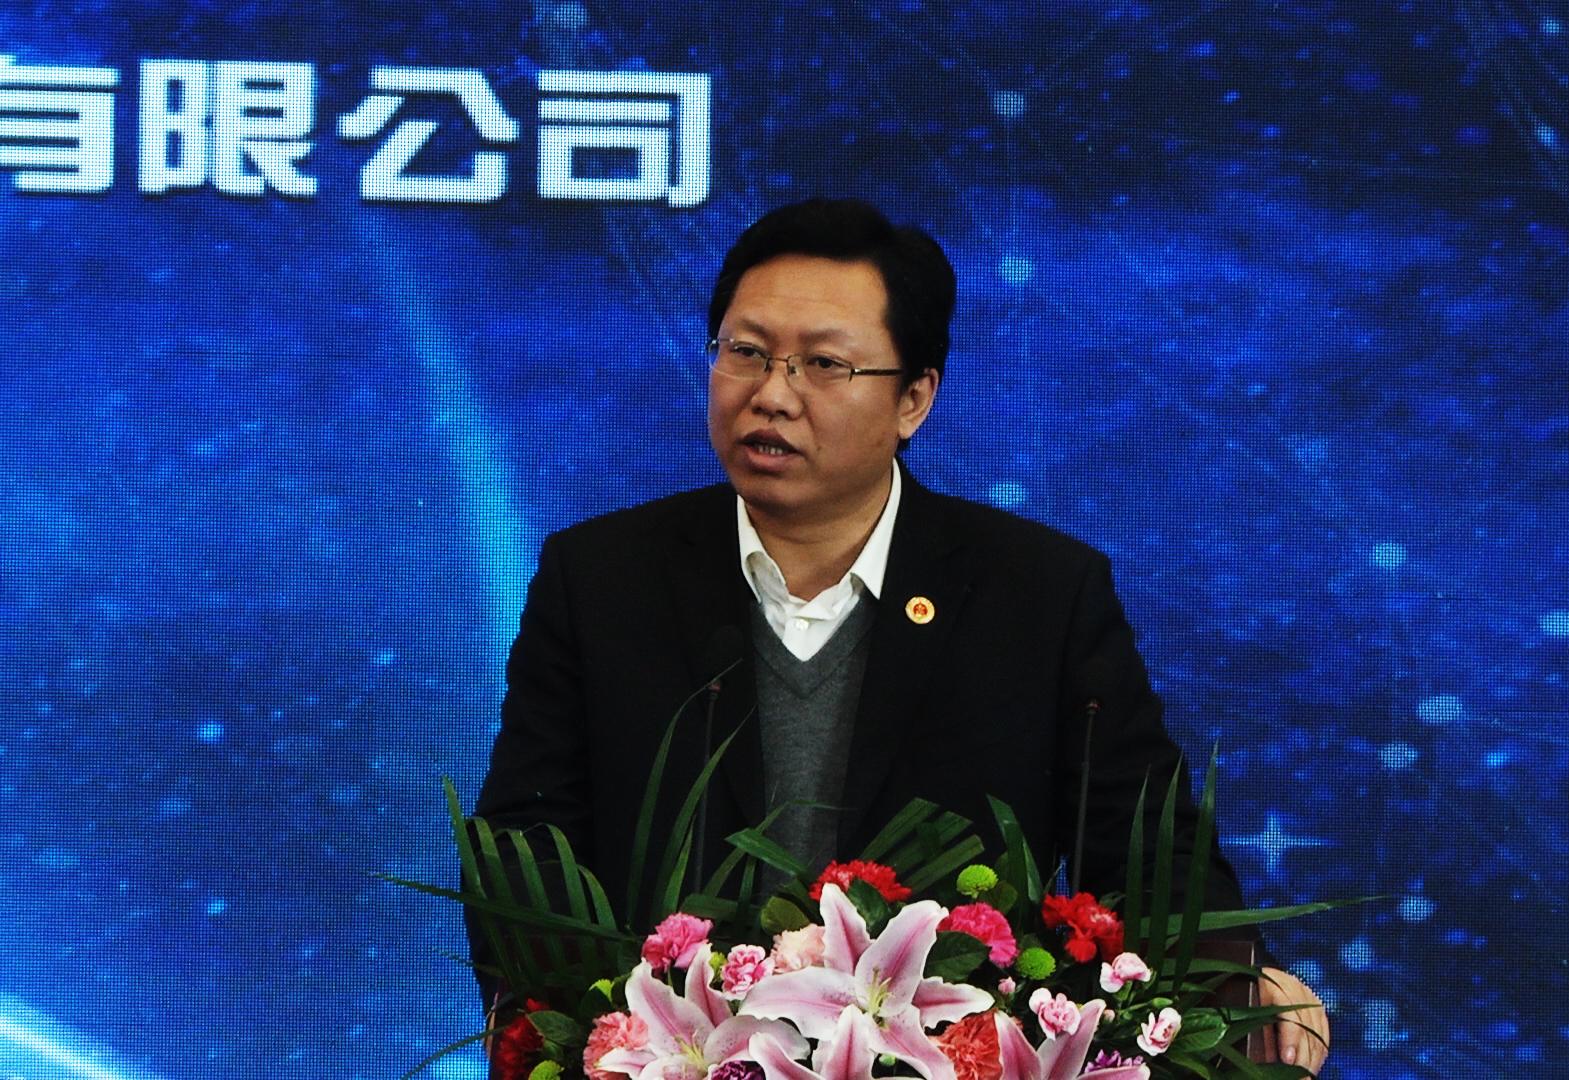 """探索宇宙力量,促进全民健康 """"能量健康研究院""""在京成立"""